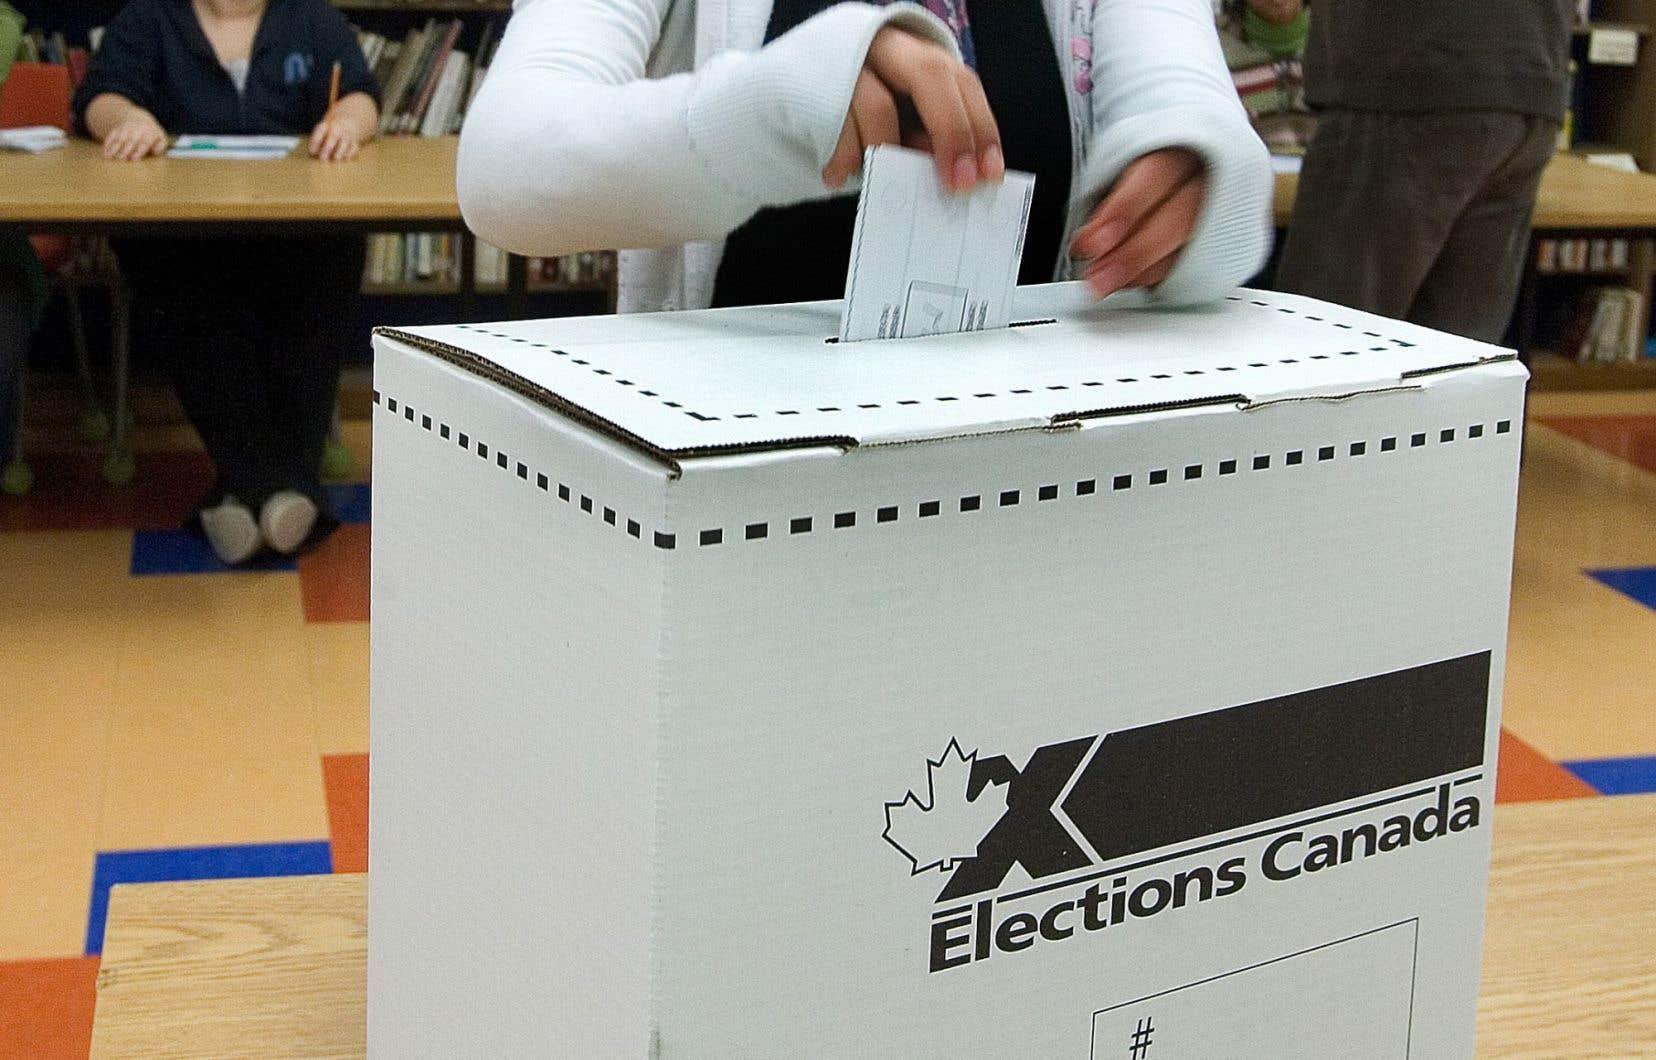 Les avis sont partagés quant à l'aspect constitutionnel d'une réforme du mode de scrutin.